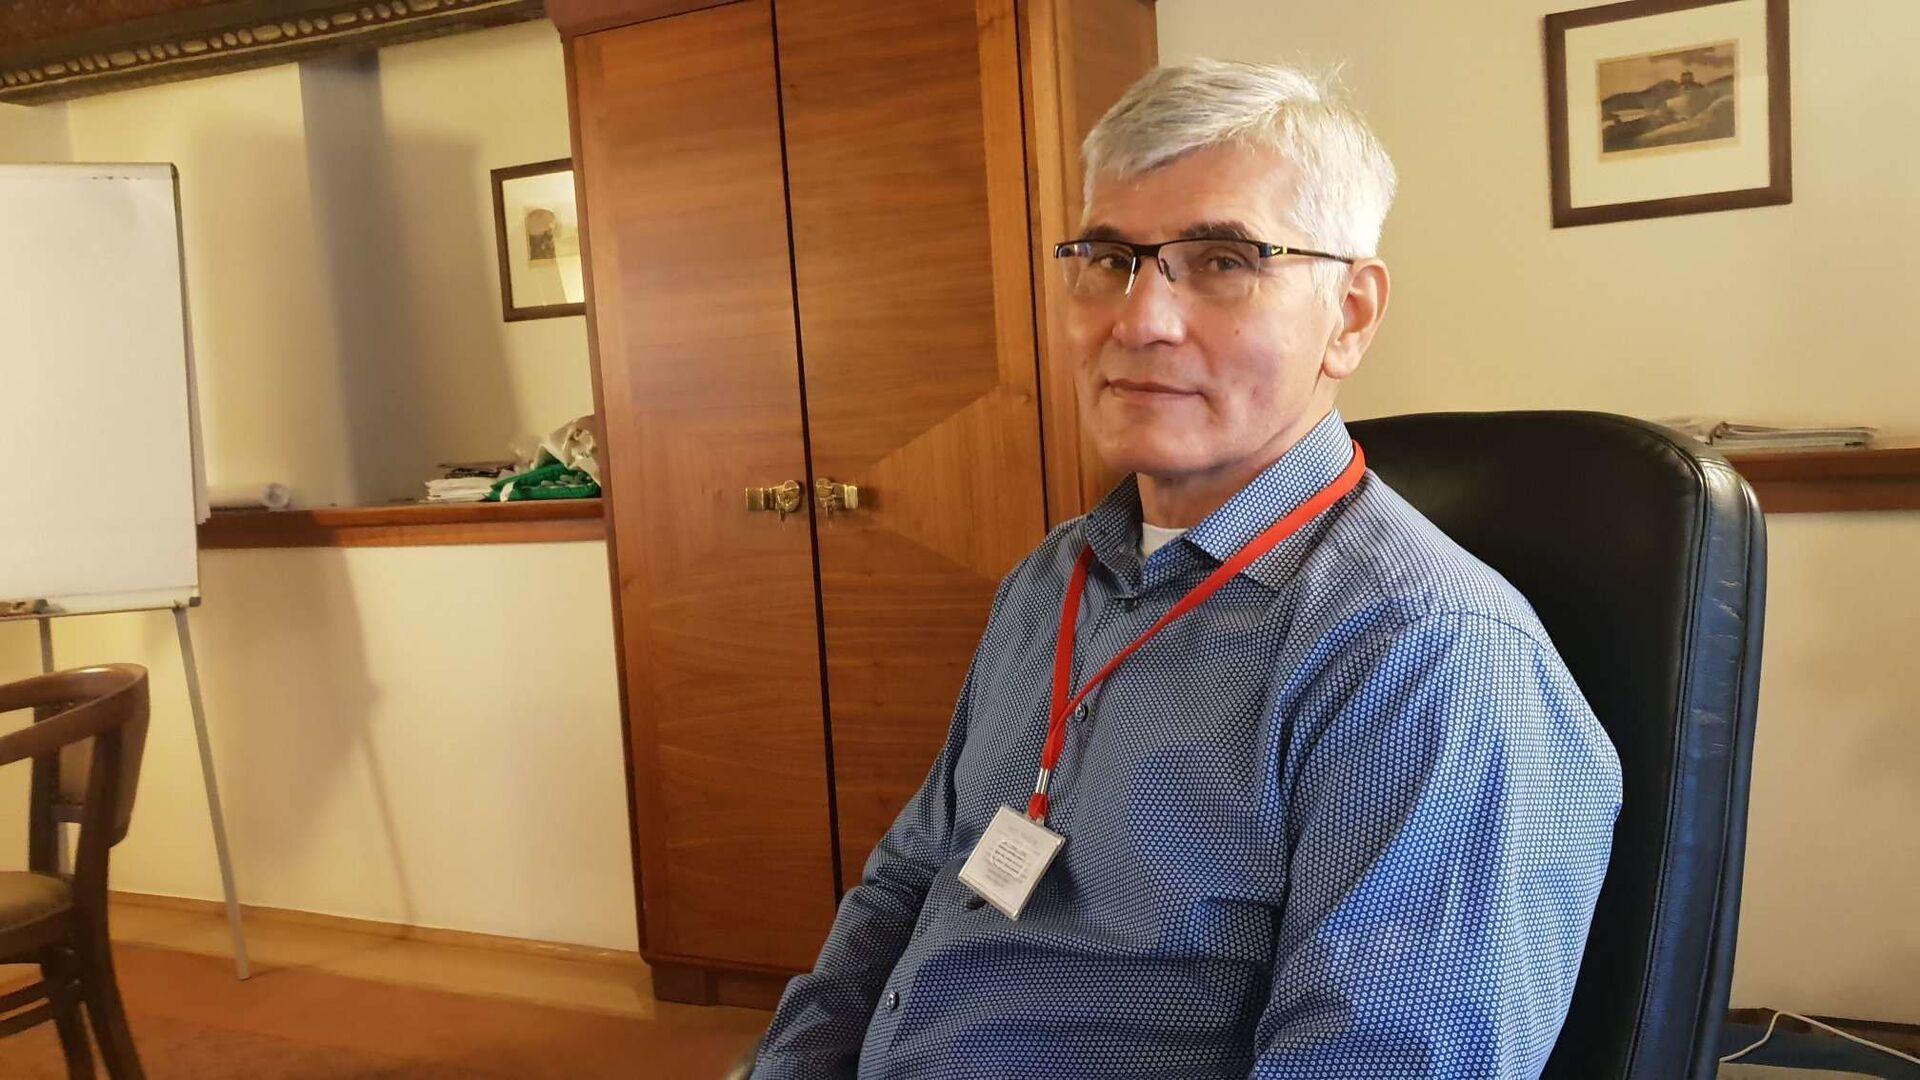 Epidemiolog Jiří Beran - Sputnik Česká republika, 1920, 25.07.2021